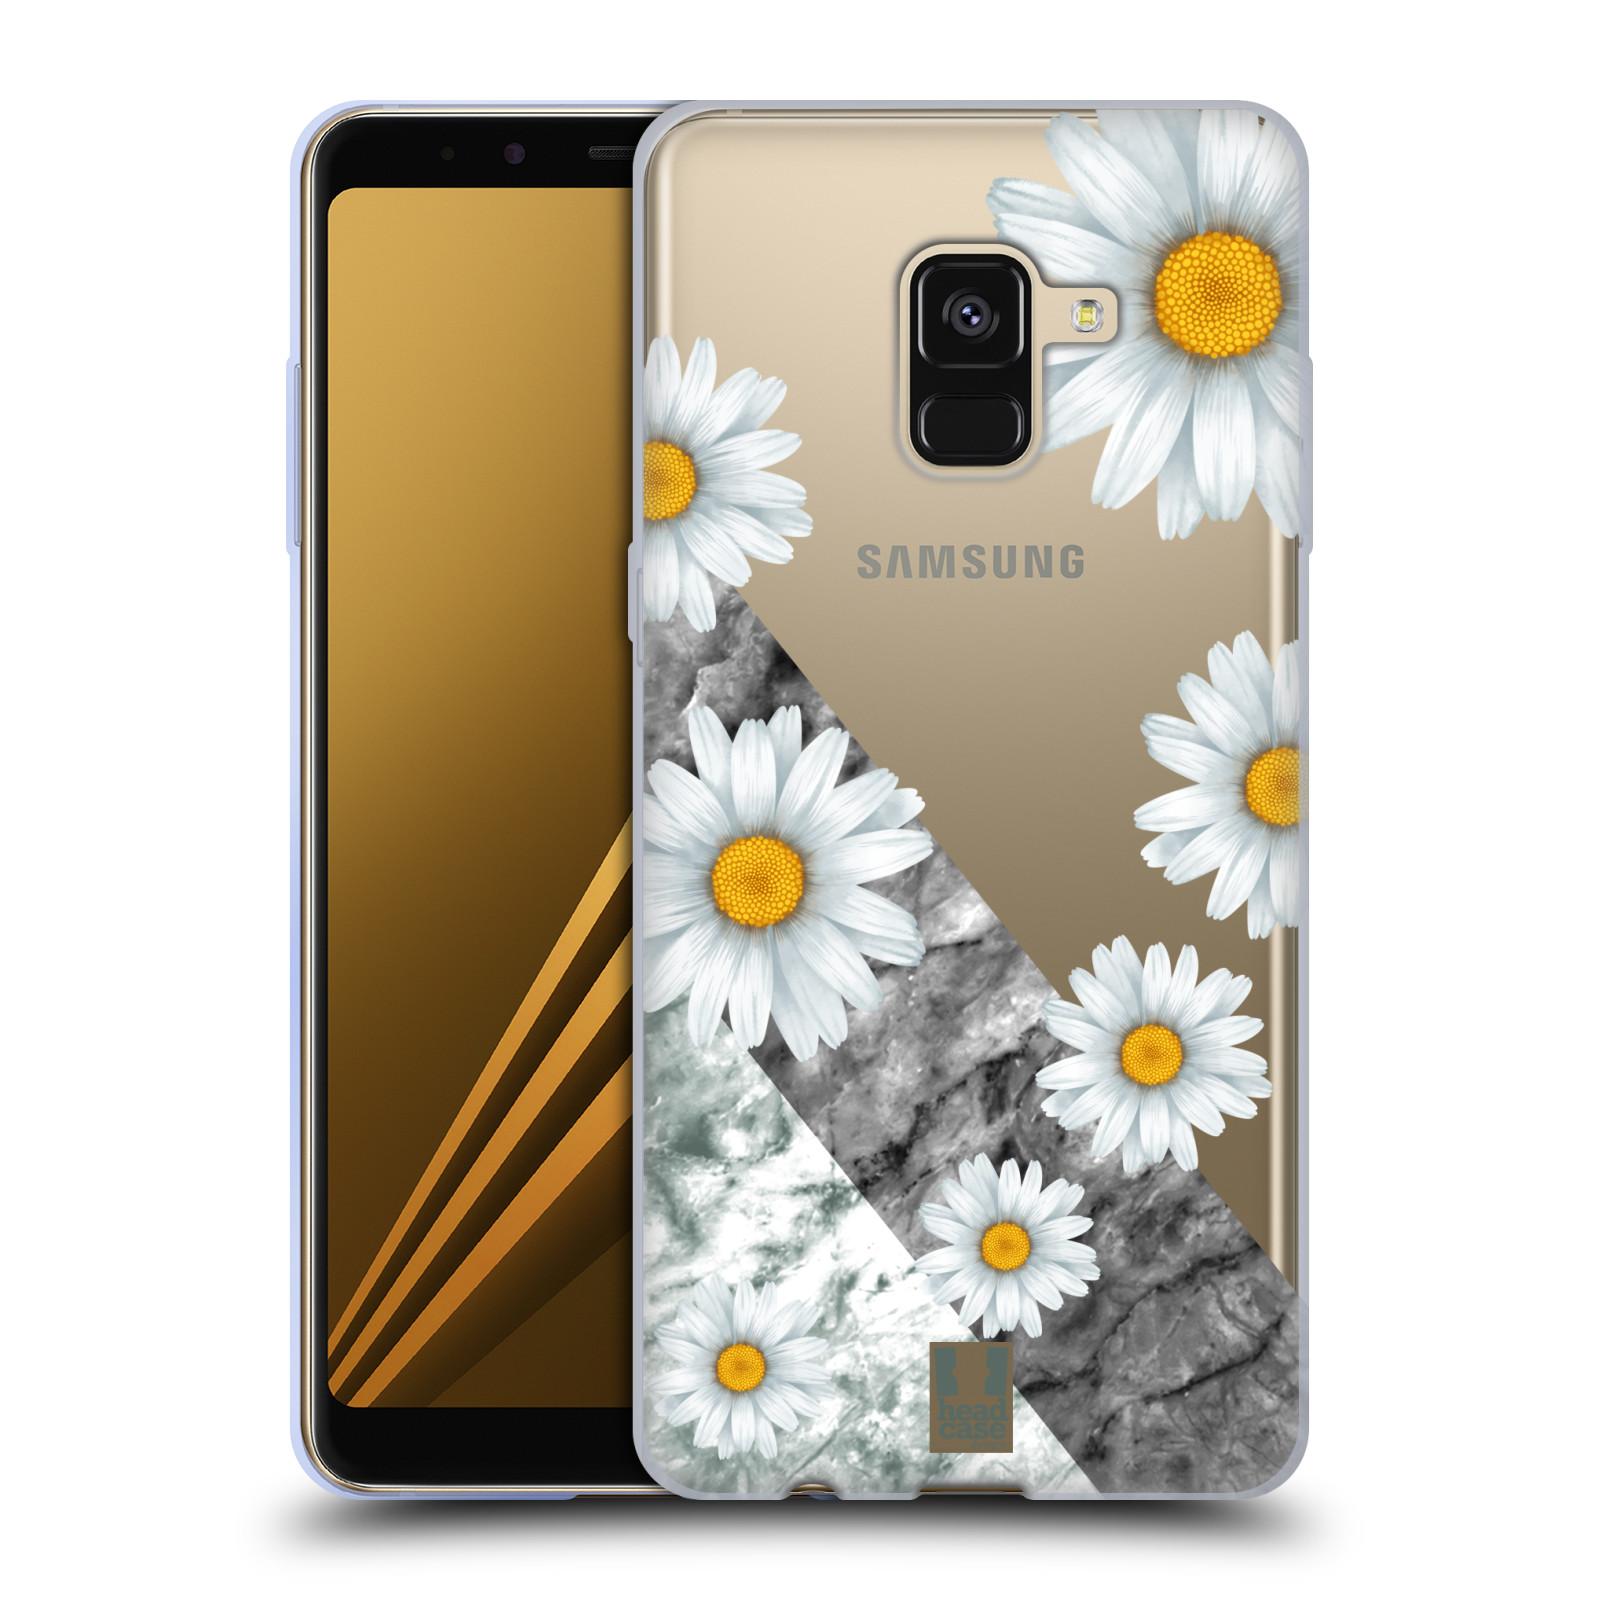 Silikonové pouzdro na mobil Samsung Galaxy A8 (2018) - Head Case - Kopretiny a mramor